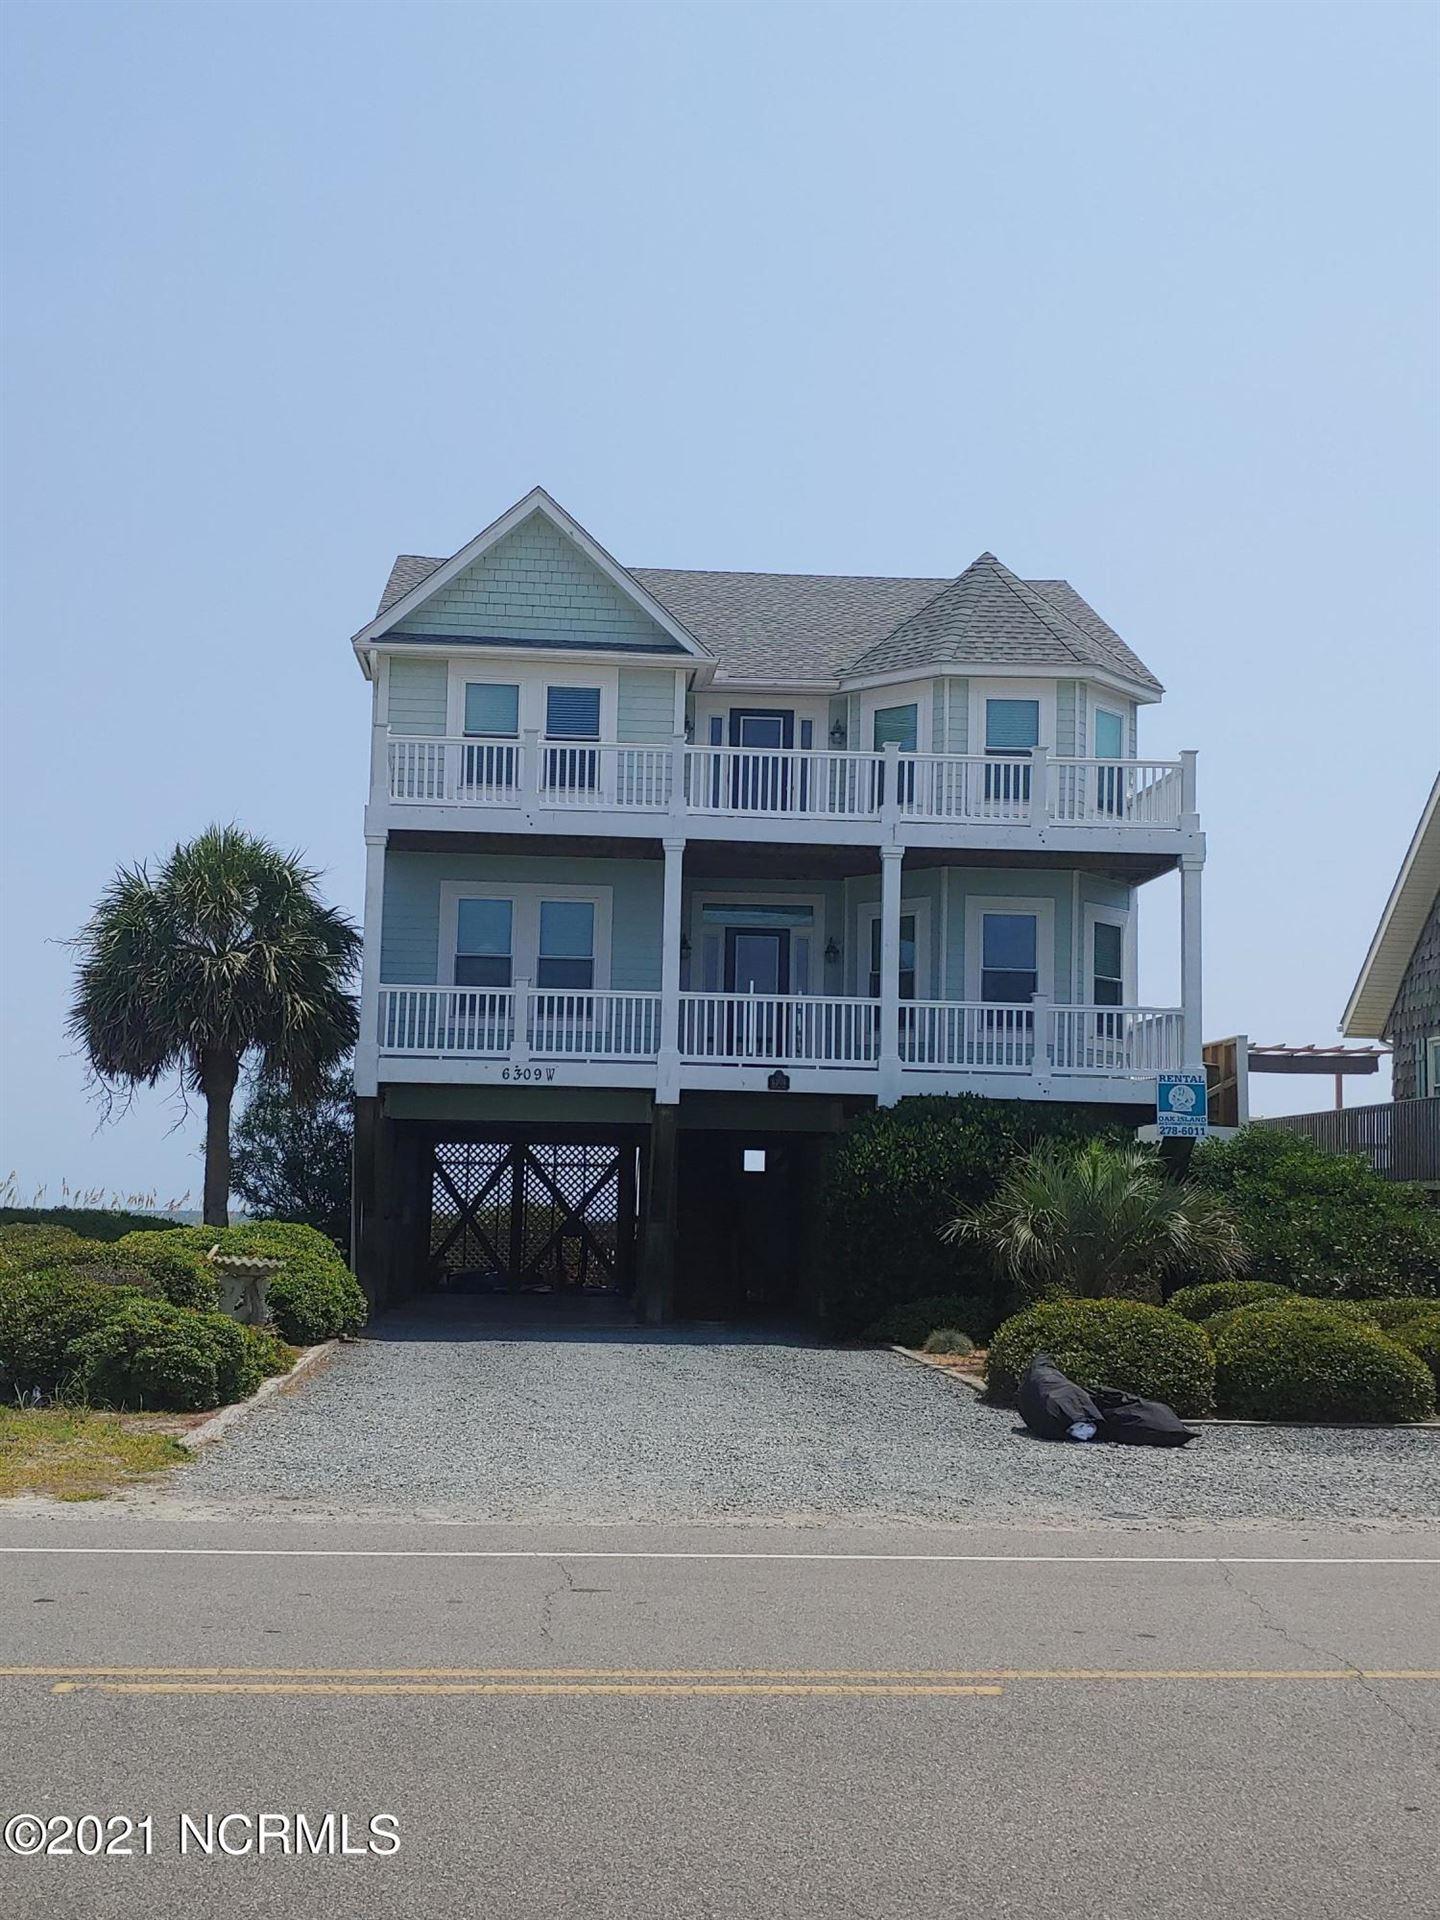 Photo for 6309 W Beach Drive, Oak Island, NC 28465 (MLS # 100284586)